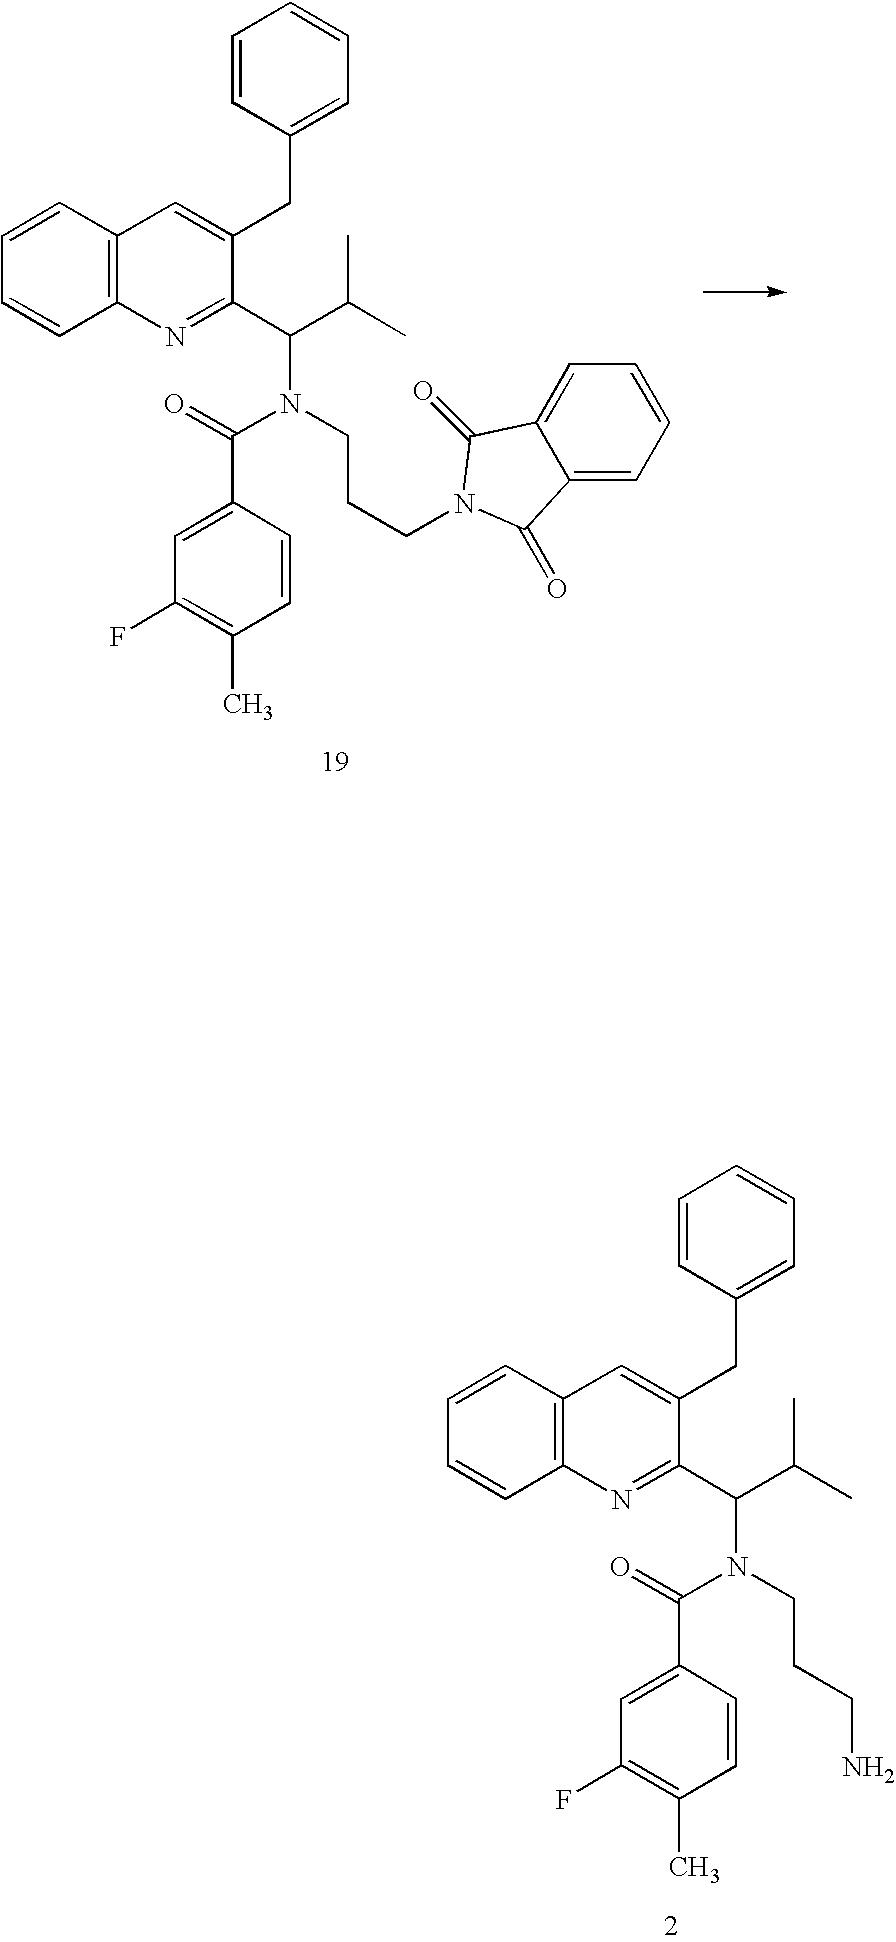 Figure US07452996-20081118-C00015